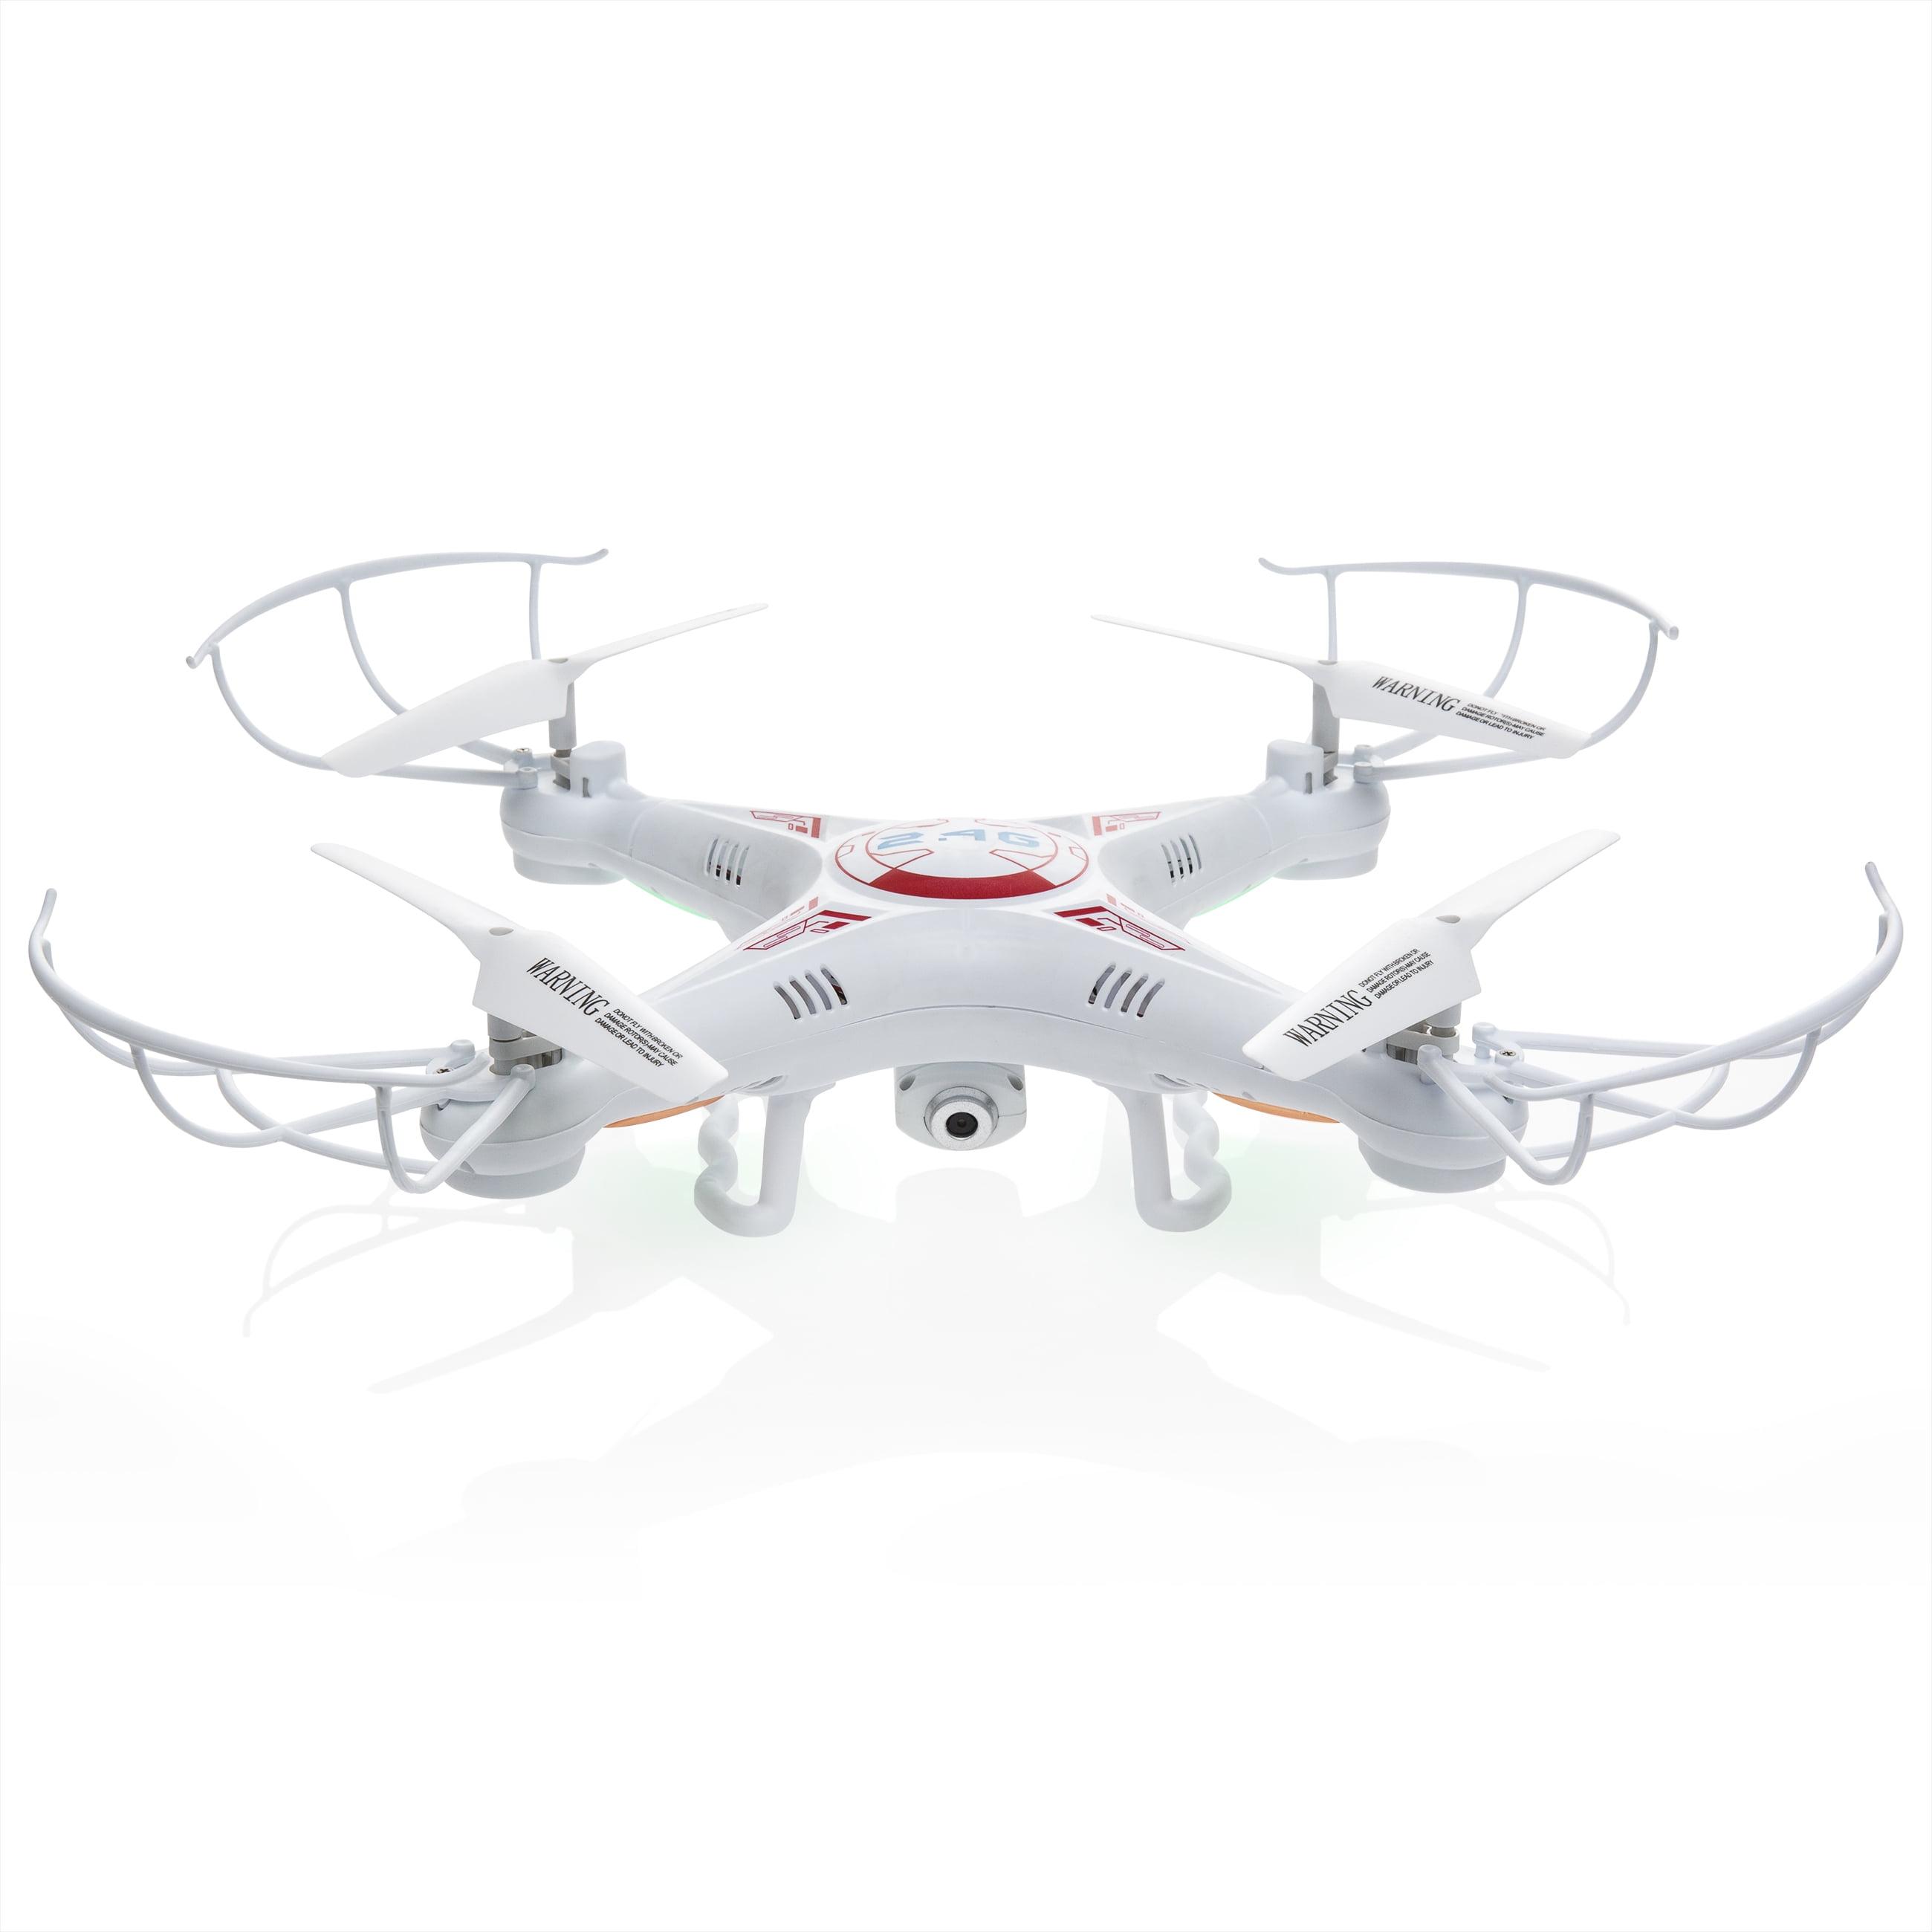 Promotion reglementation drone belgique, avis entreprise de drone